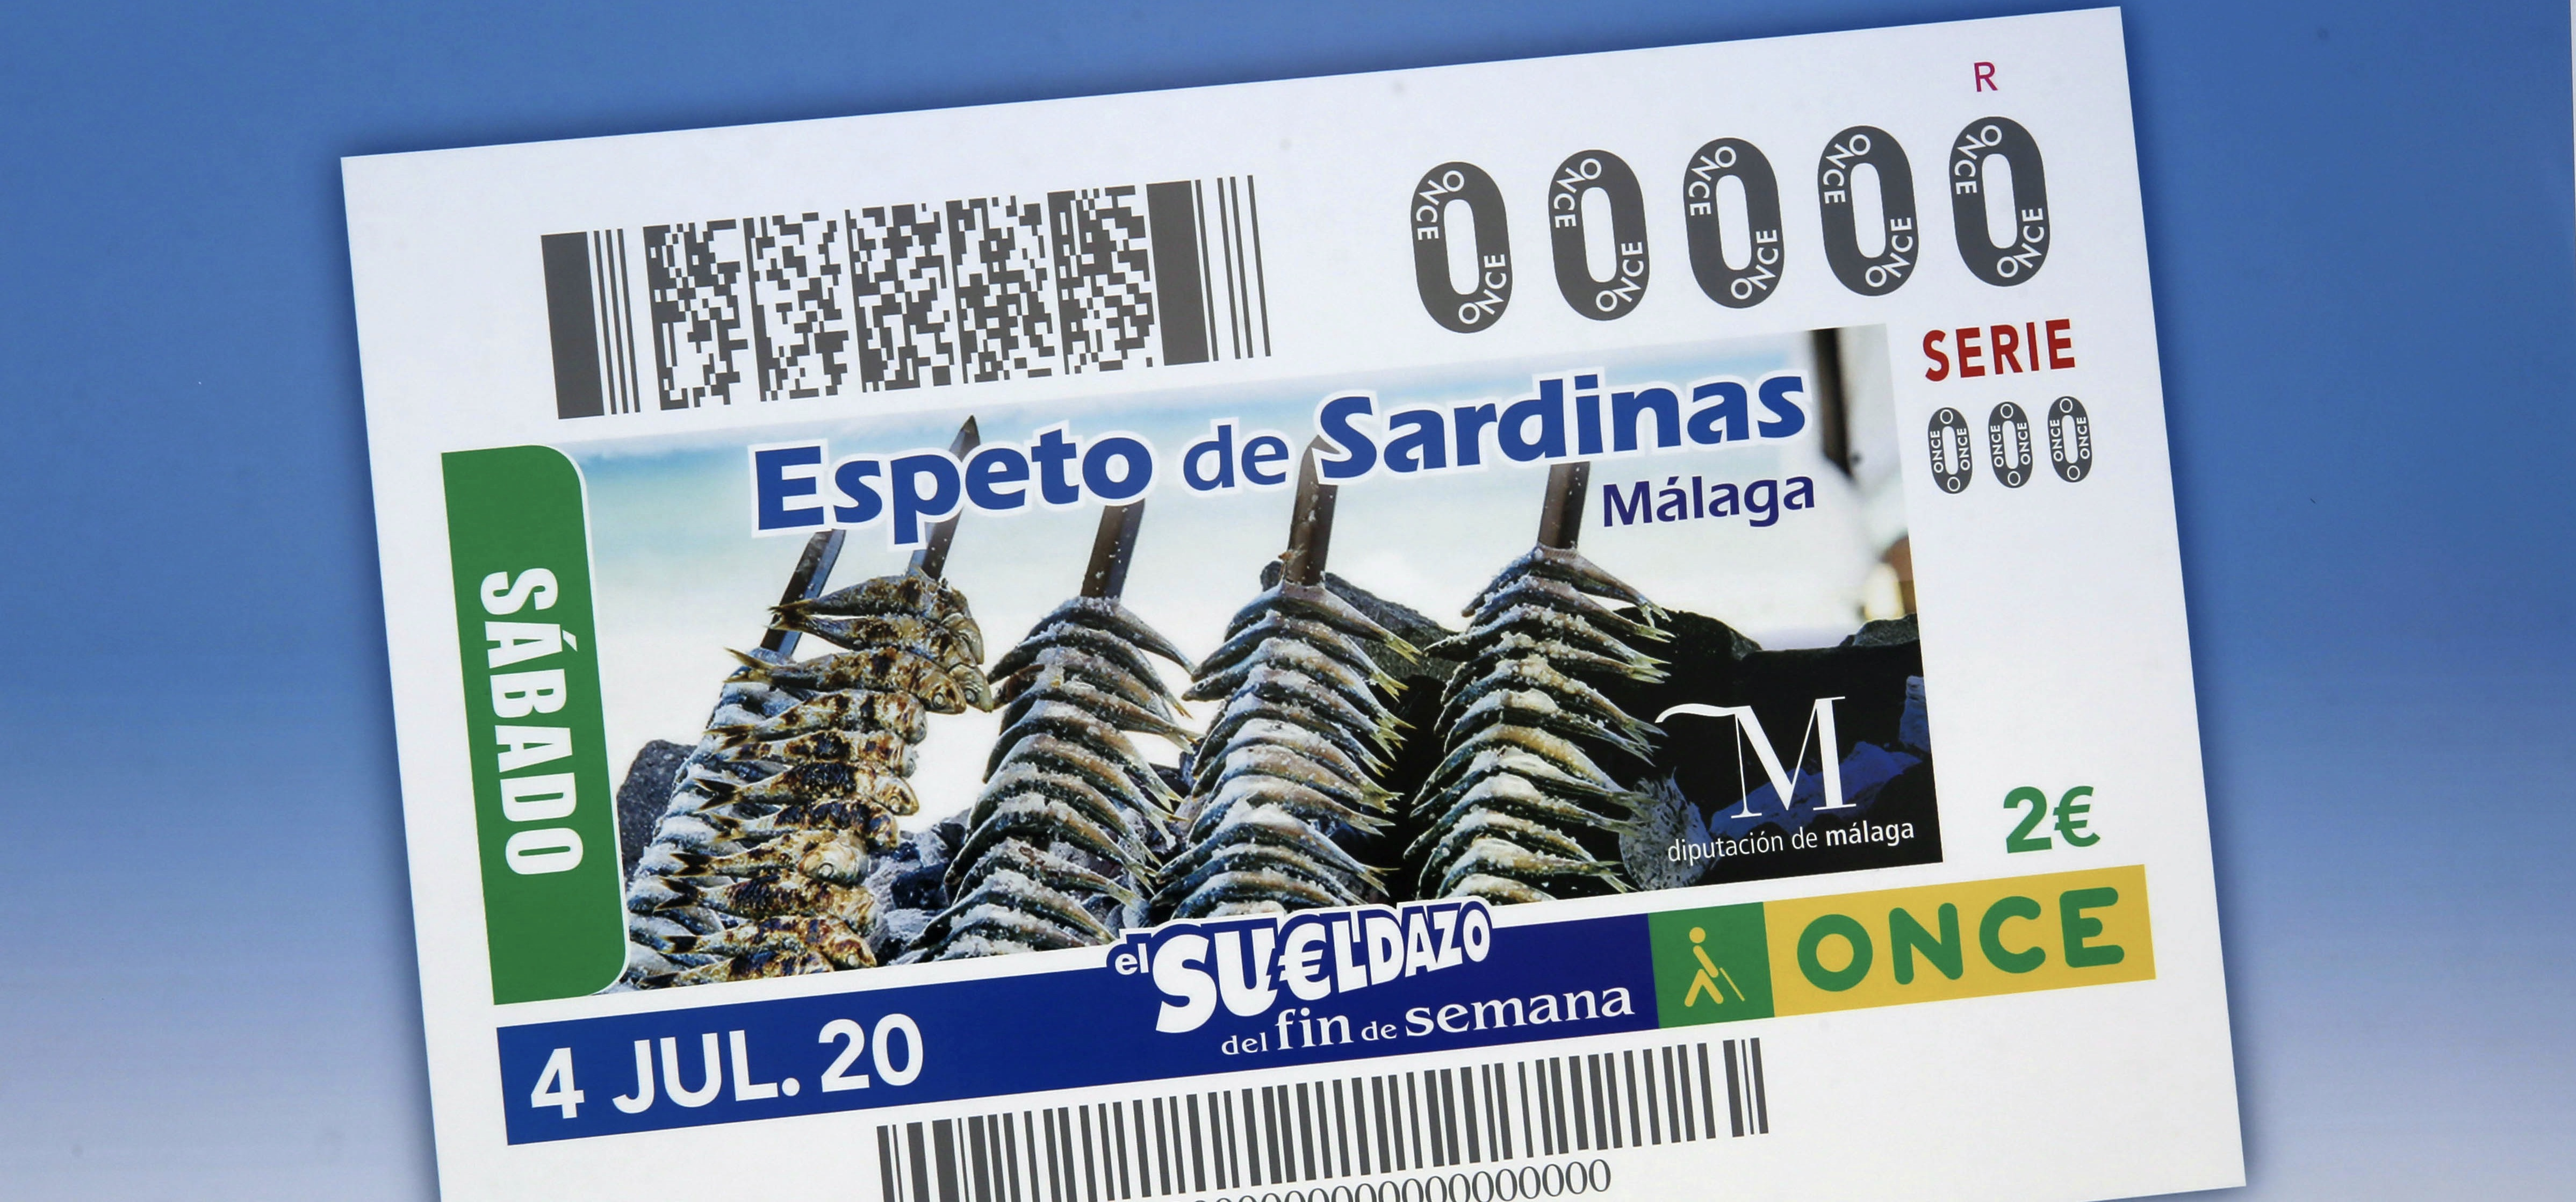 La imagen de los cupones de La ONCE para el sorteo del sábado, 4 de julio será el espeto de sardinas de Málaga, que aspiran a Patrimonio de la Humanidad.